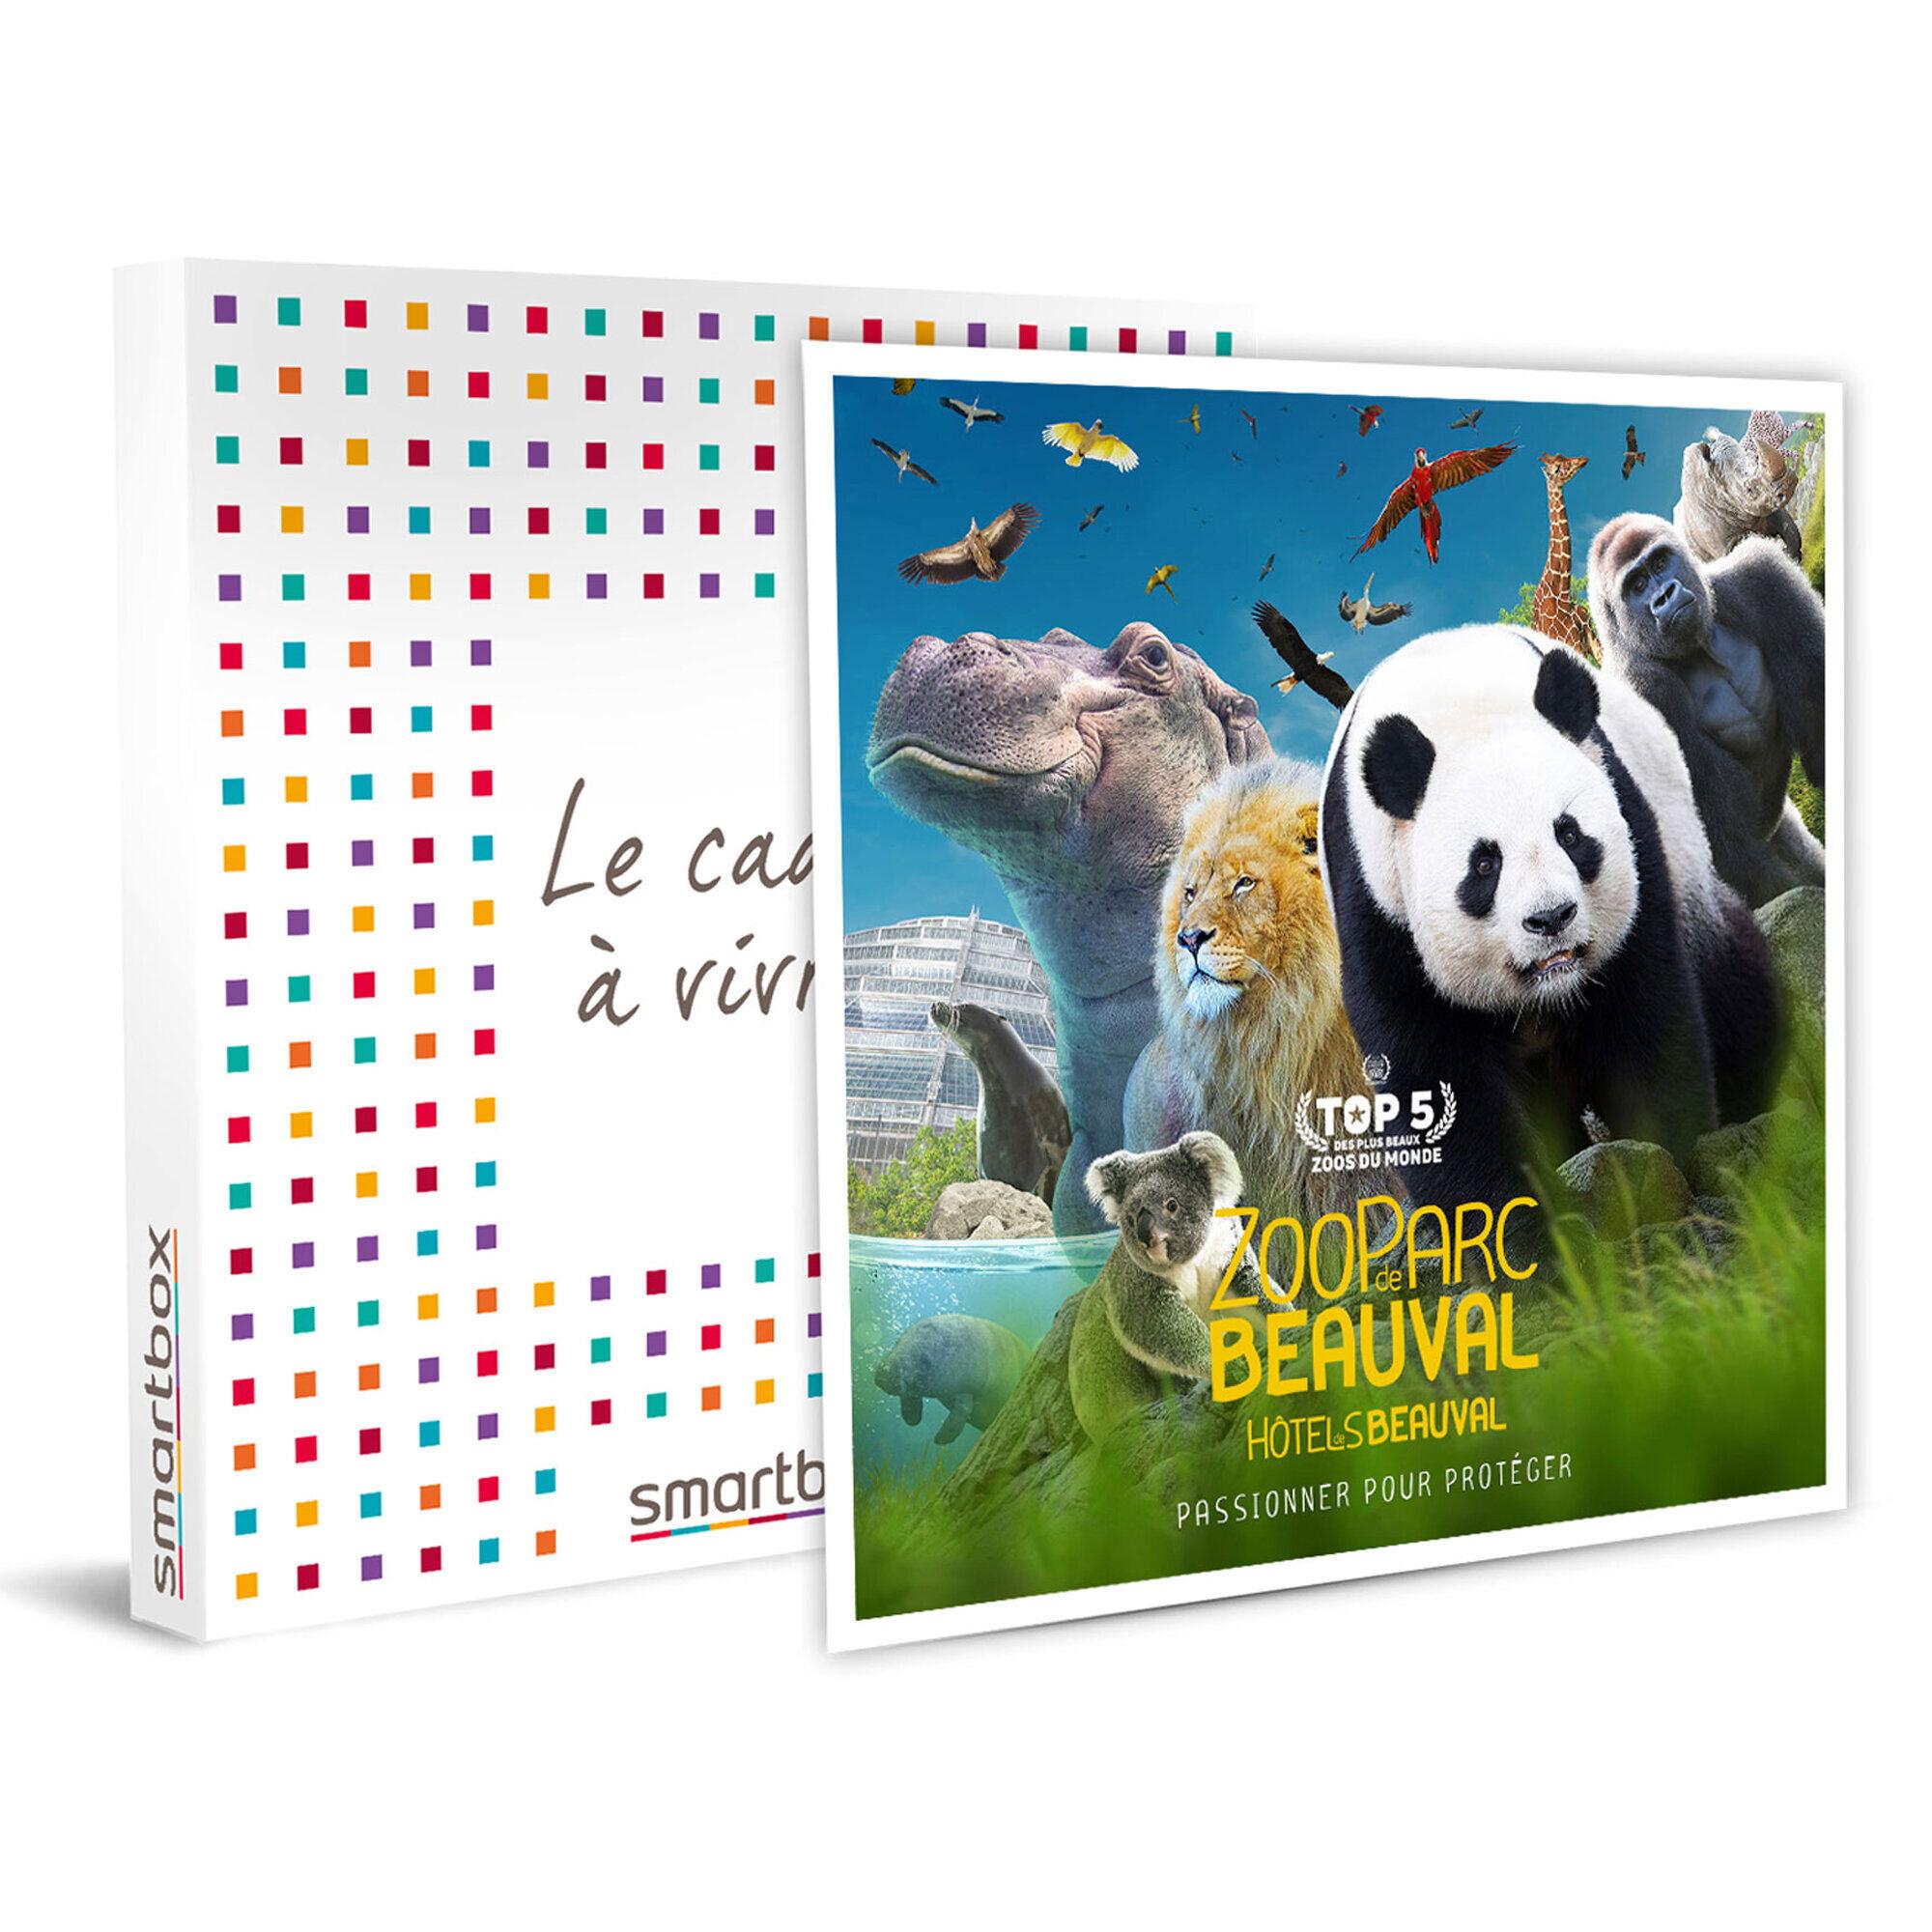 Smartbox Entrées pour 2 adultes au ZooParc de Beauval Coffret cadeau Smartbox